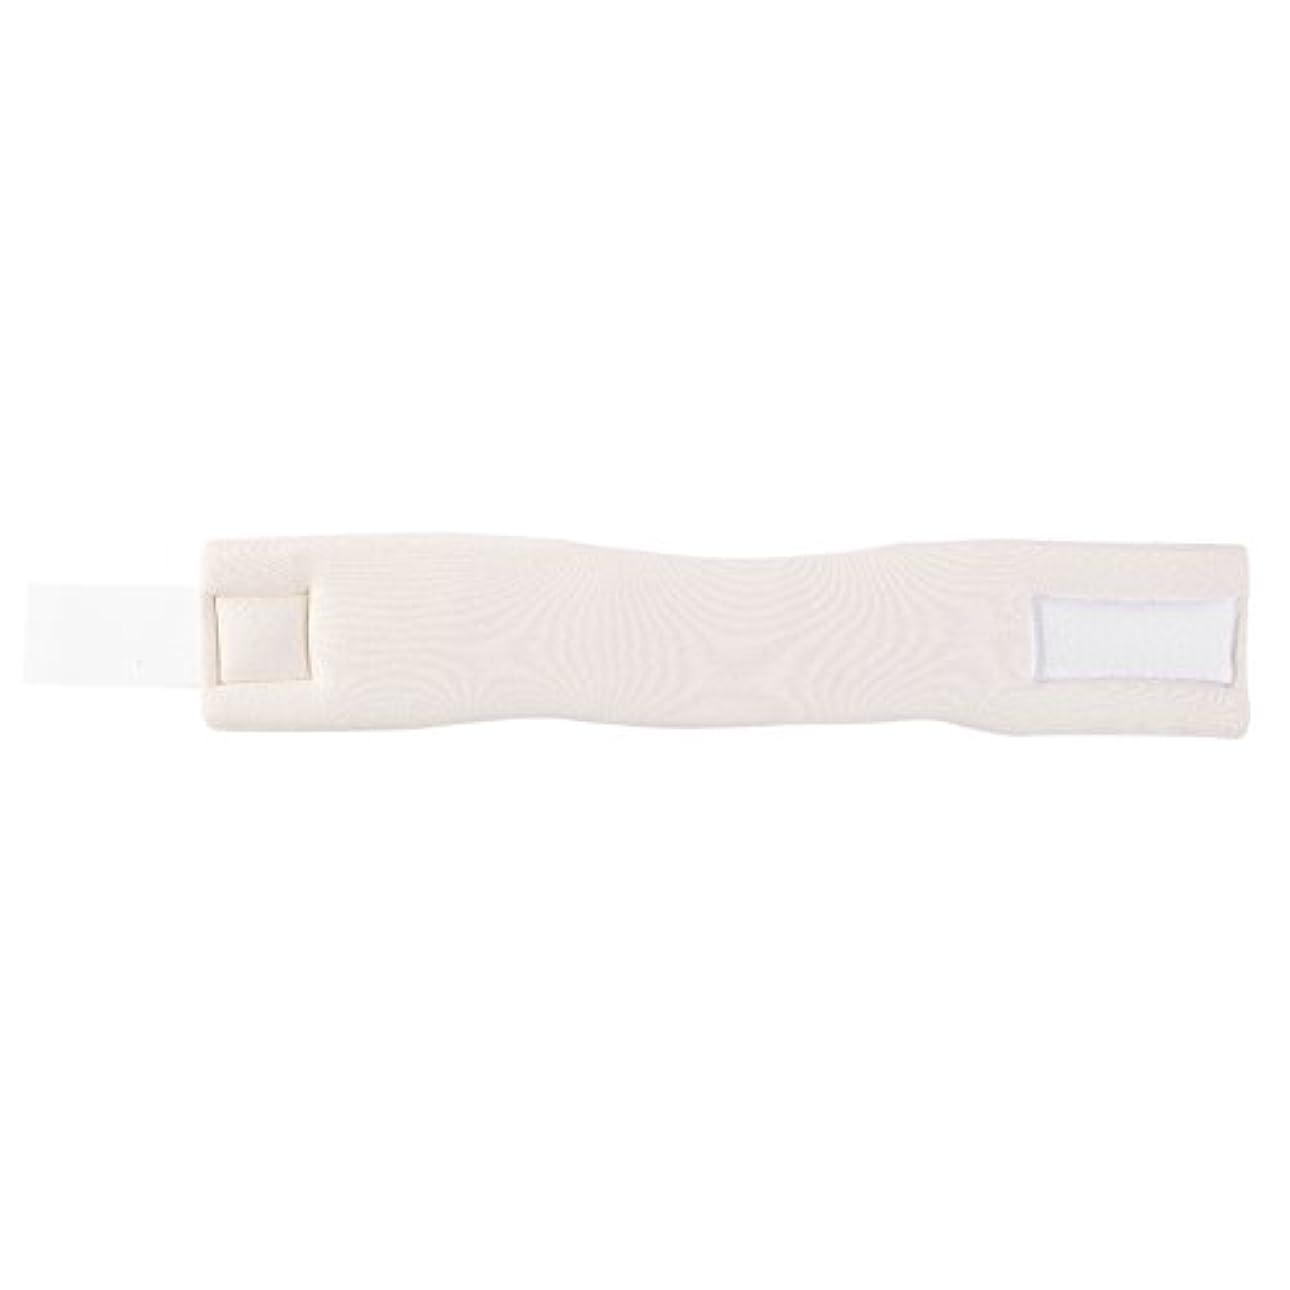 故障要旨魅了する調整可能なソフトフォームネックブレースサポート転位固定痛み軽減頸部カラー(M)